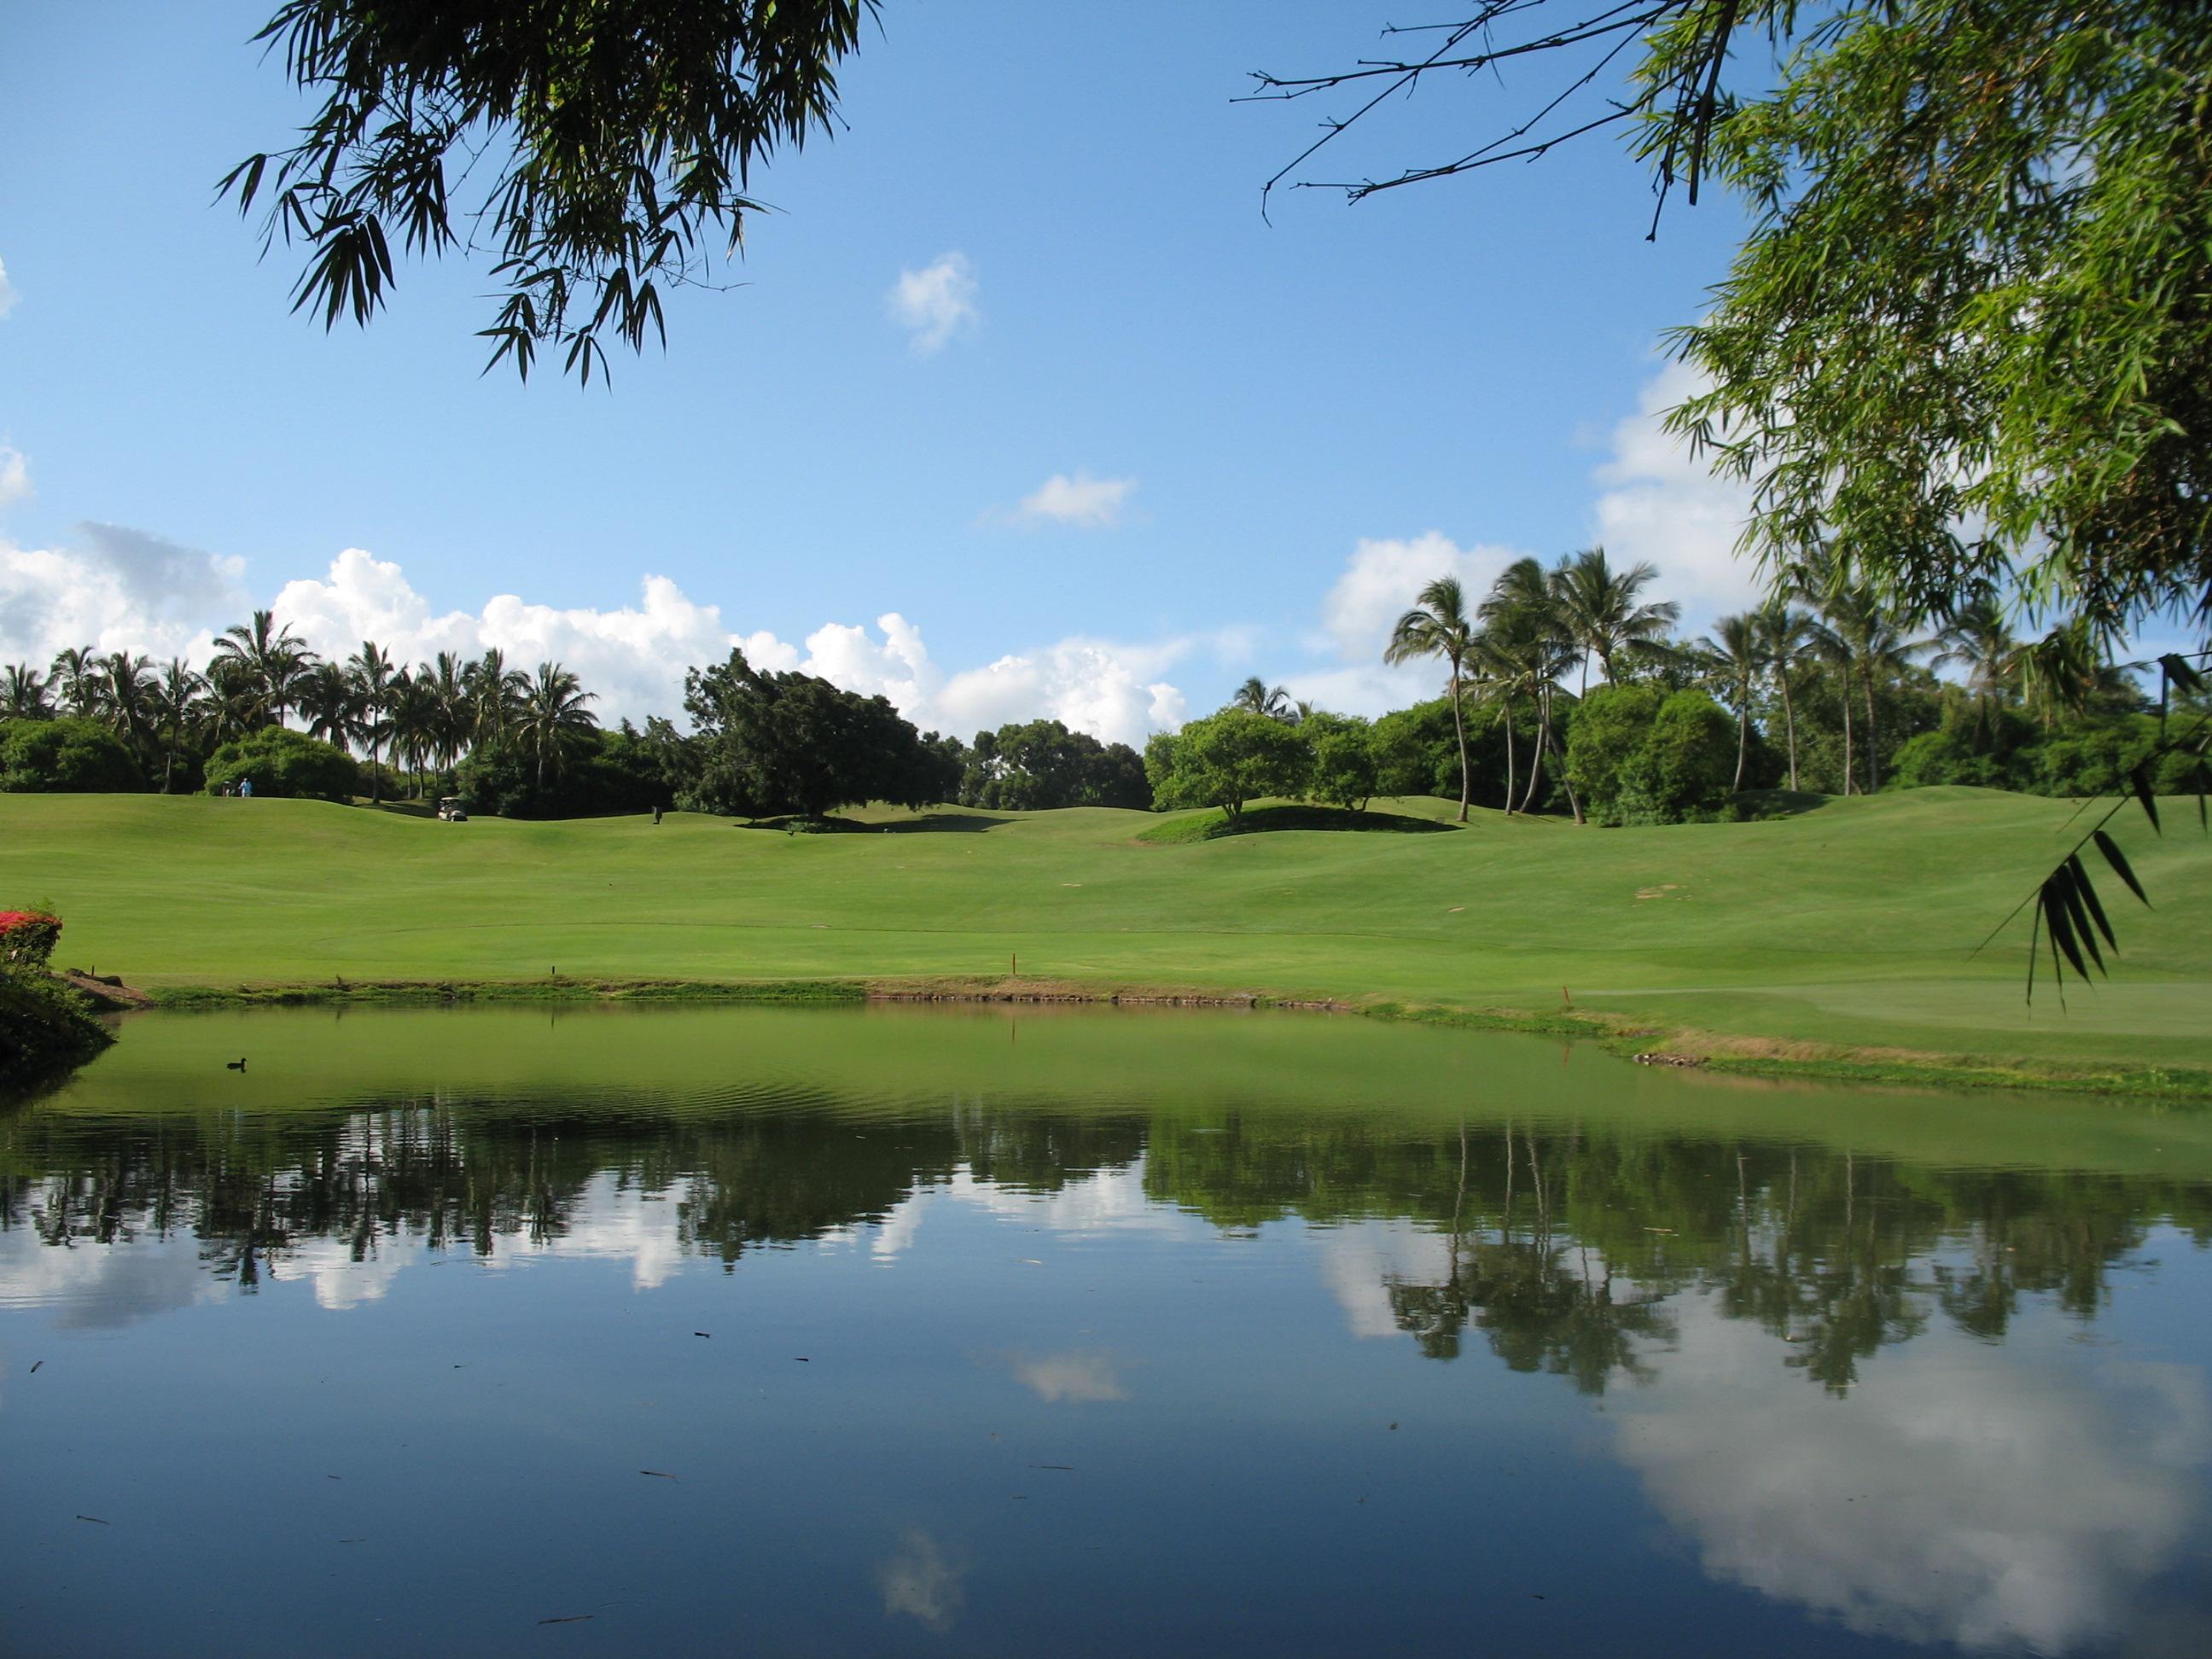 Kauai Lagoons Golf Course